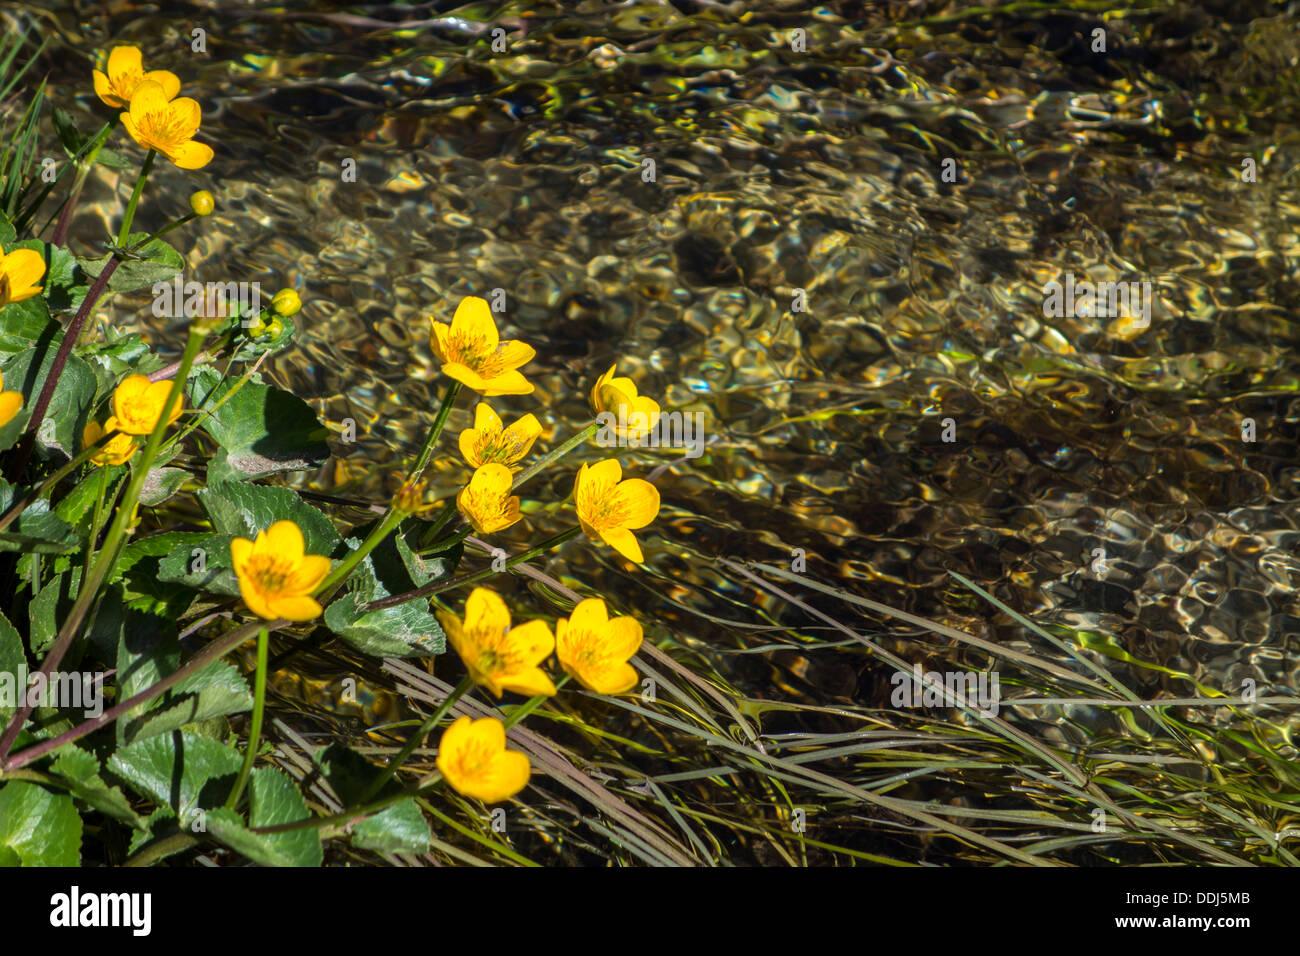 Fiori Gialli Montagna.Fiori Gialli Marsh Calendula Cresce Su Acqua Ruscello Di Montagna